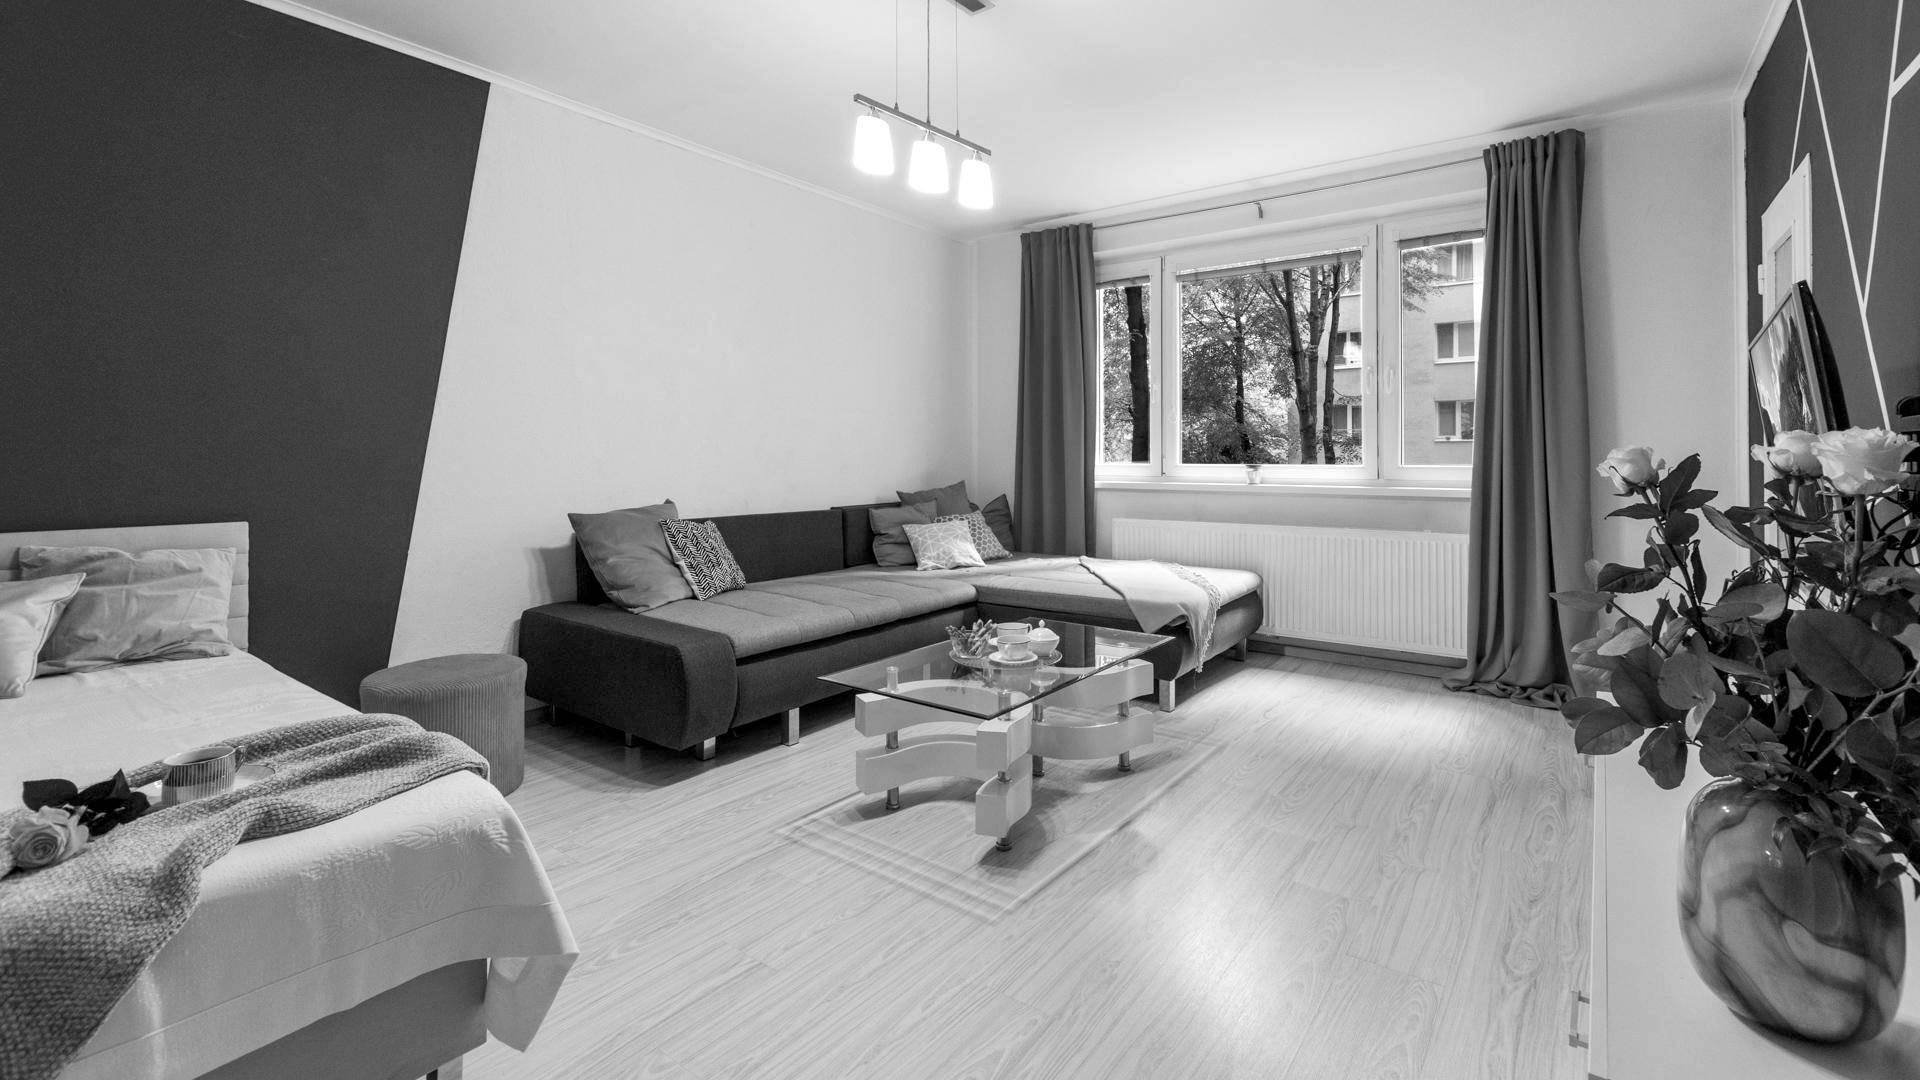 REZERVOVANÉ: Priestranný, zariadený 1 izbový byt na predaj, Bratislava - Dúbravka